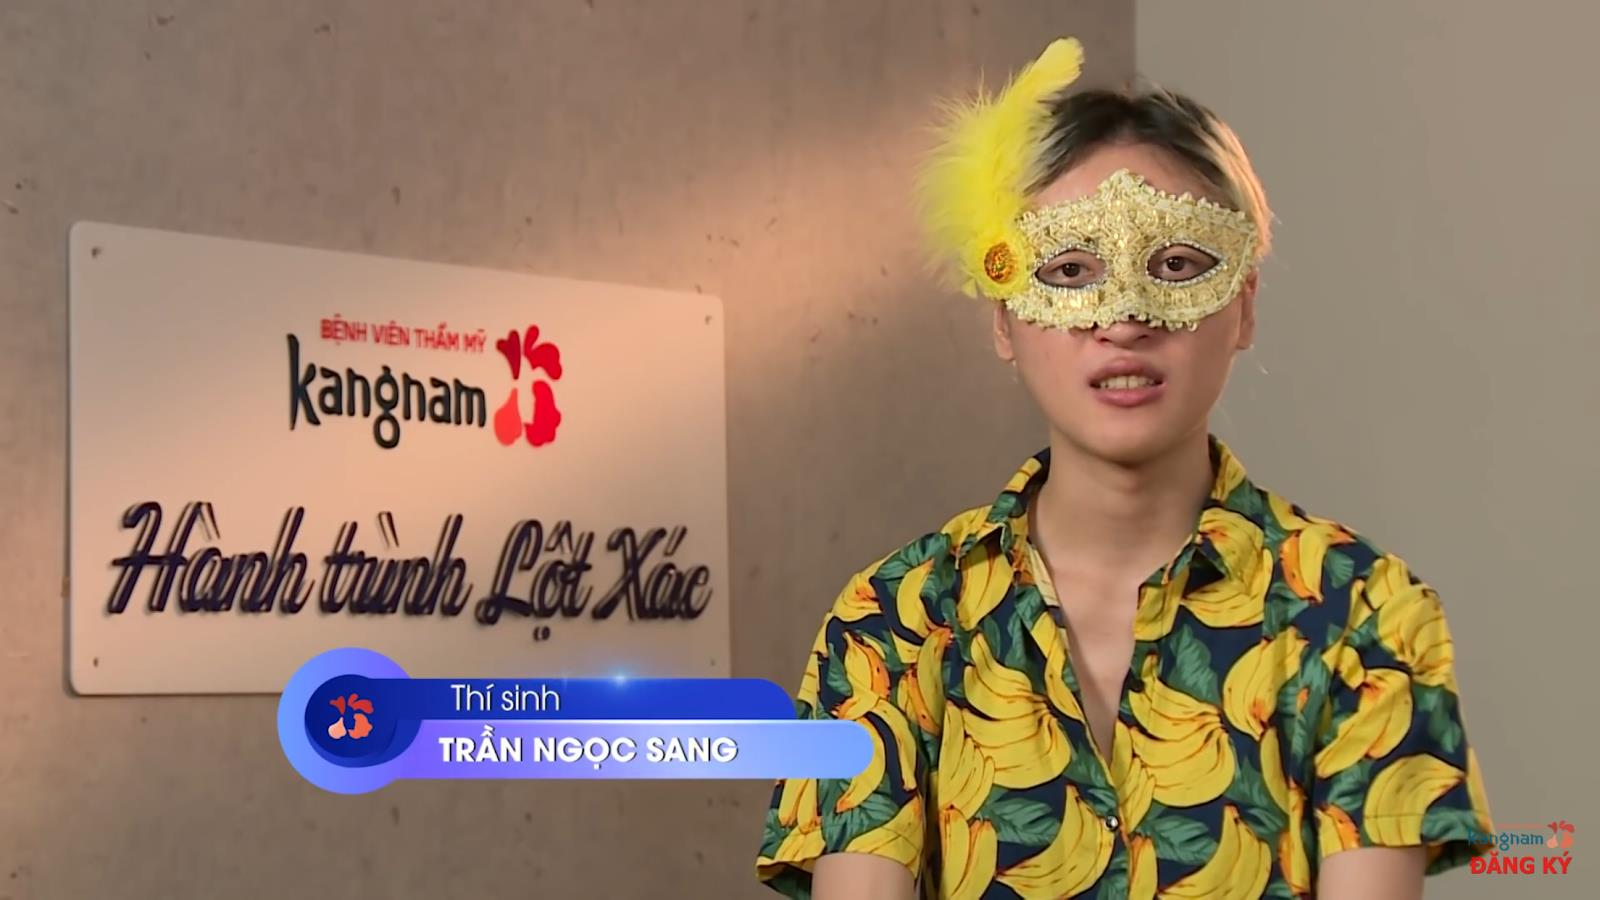 Hana Giang Anh chia sẻ chế độ tập luyện cho người vừa phẫu thuật nâng ngực